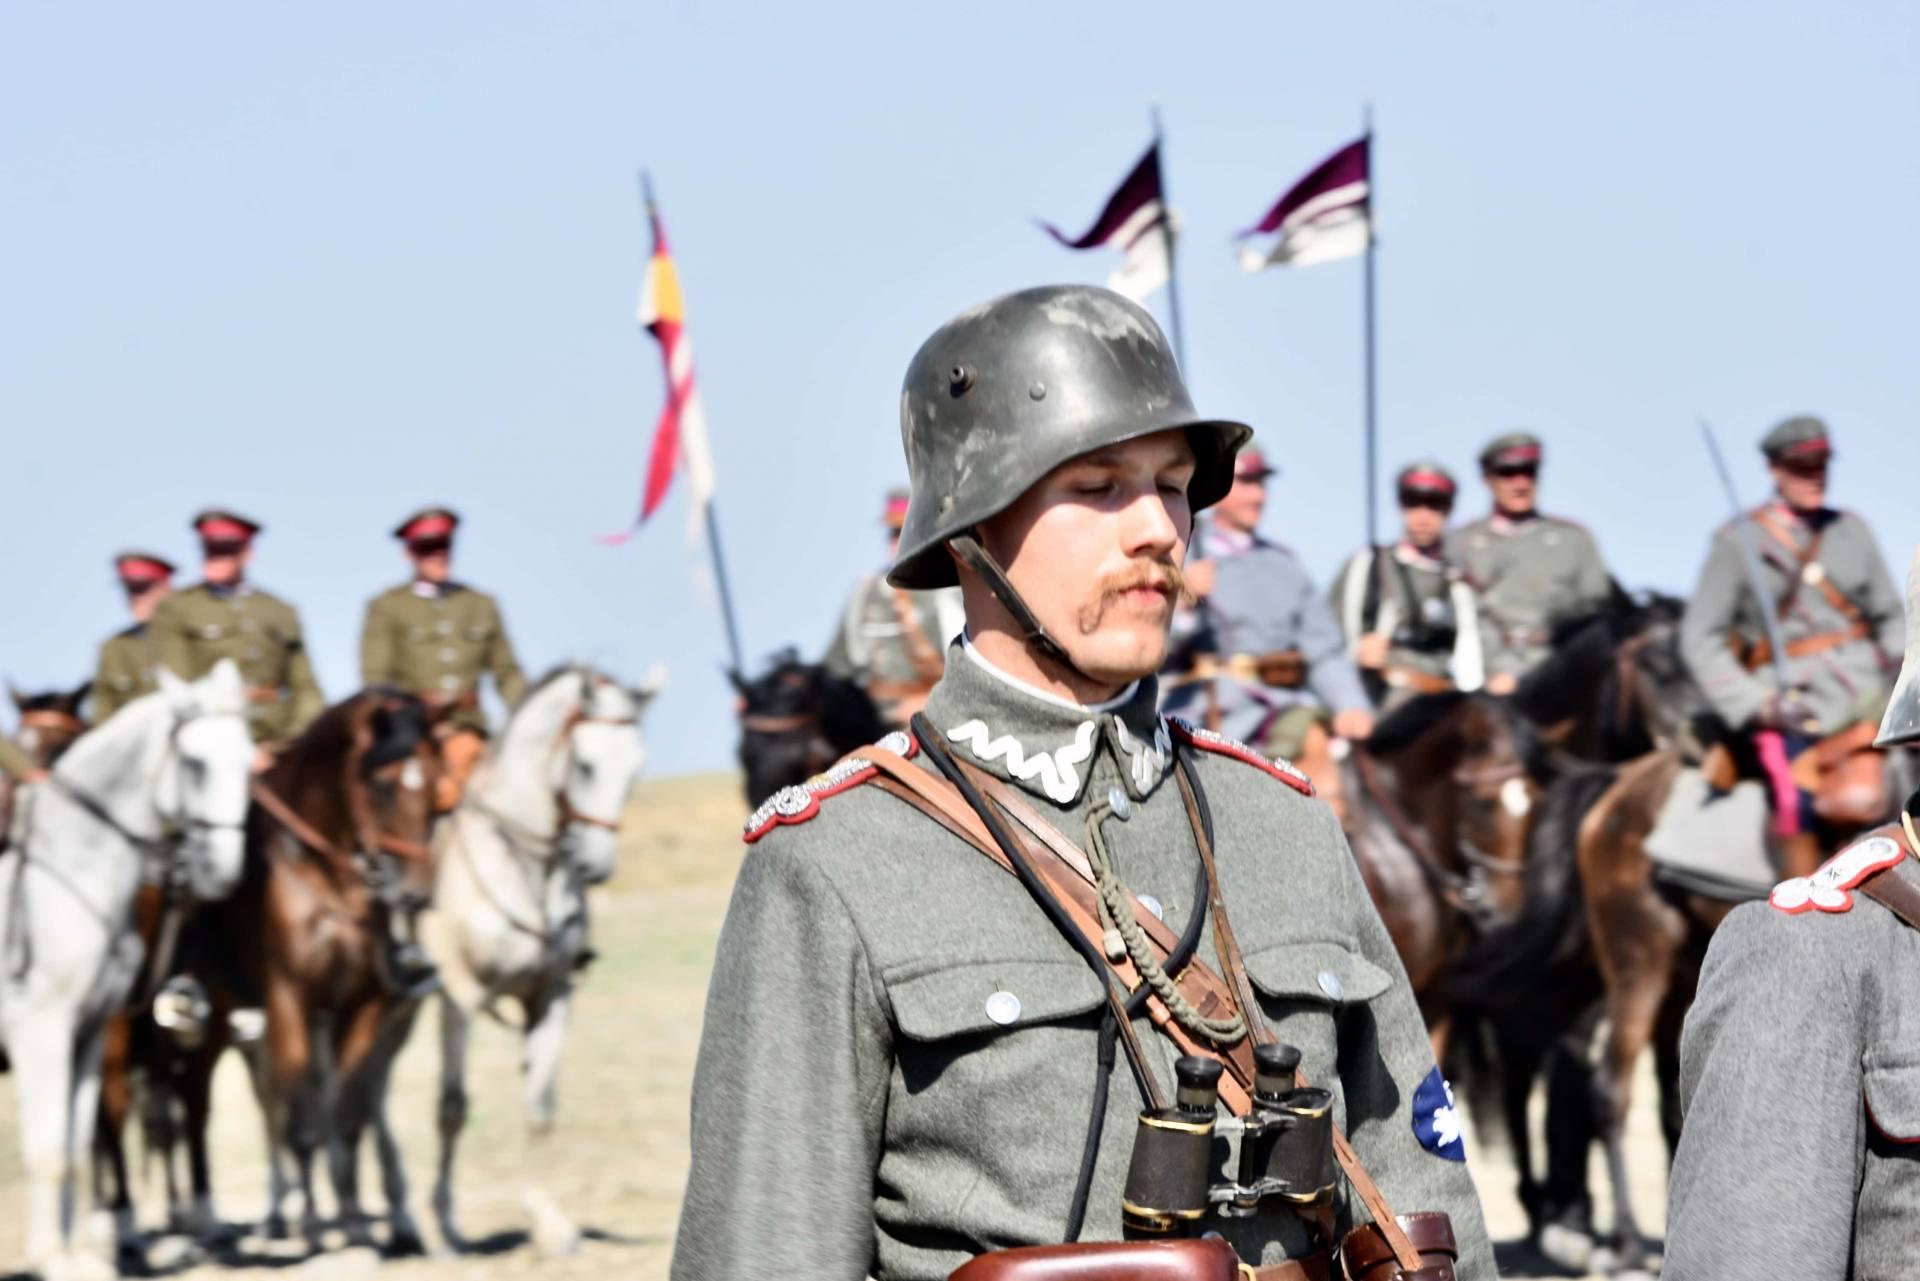 dsc 1111 Czas szabli - 100 rocznica bitwy pod Komarowem(zdjęcia)